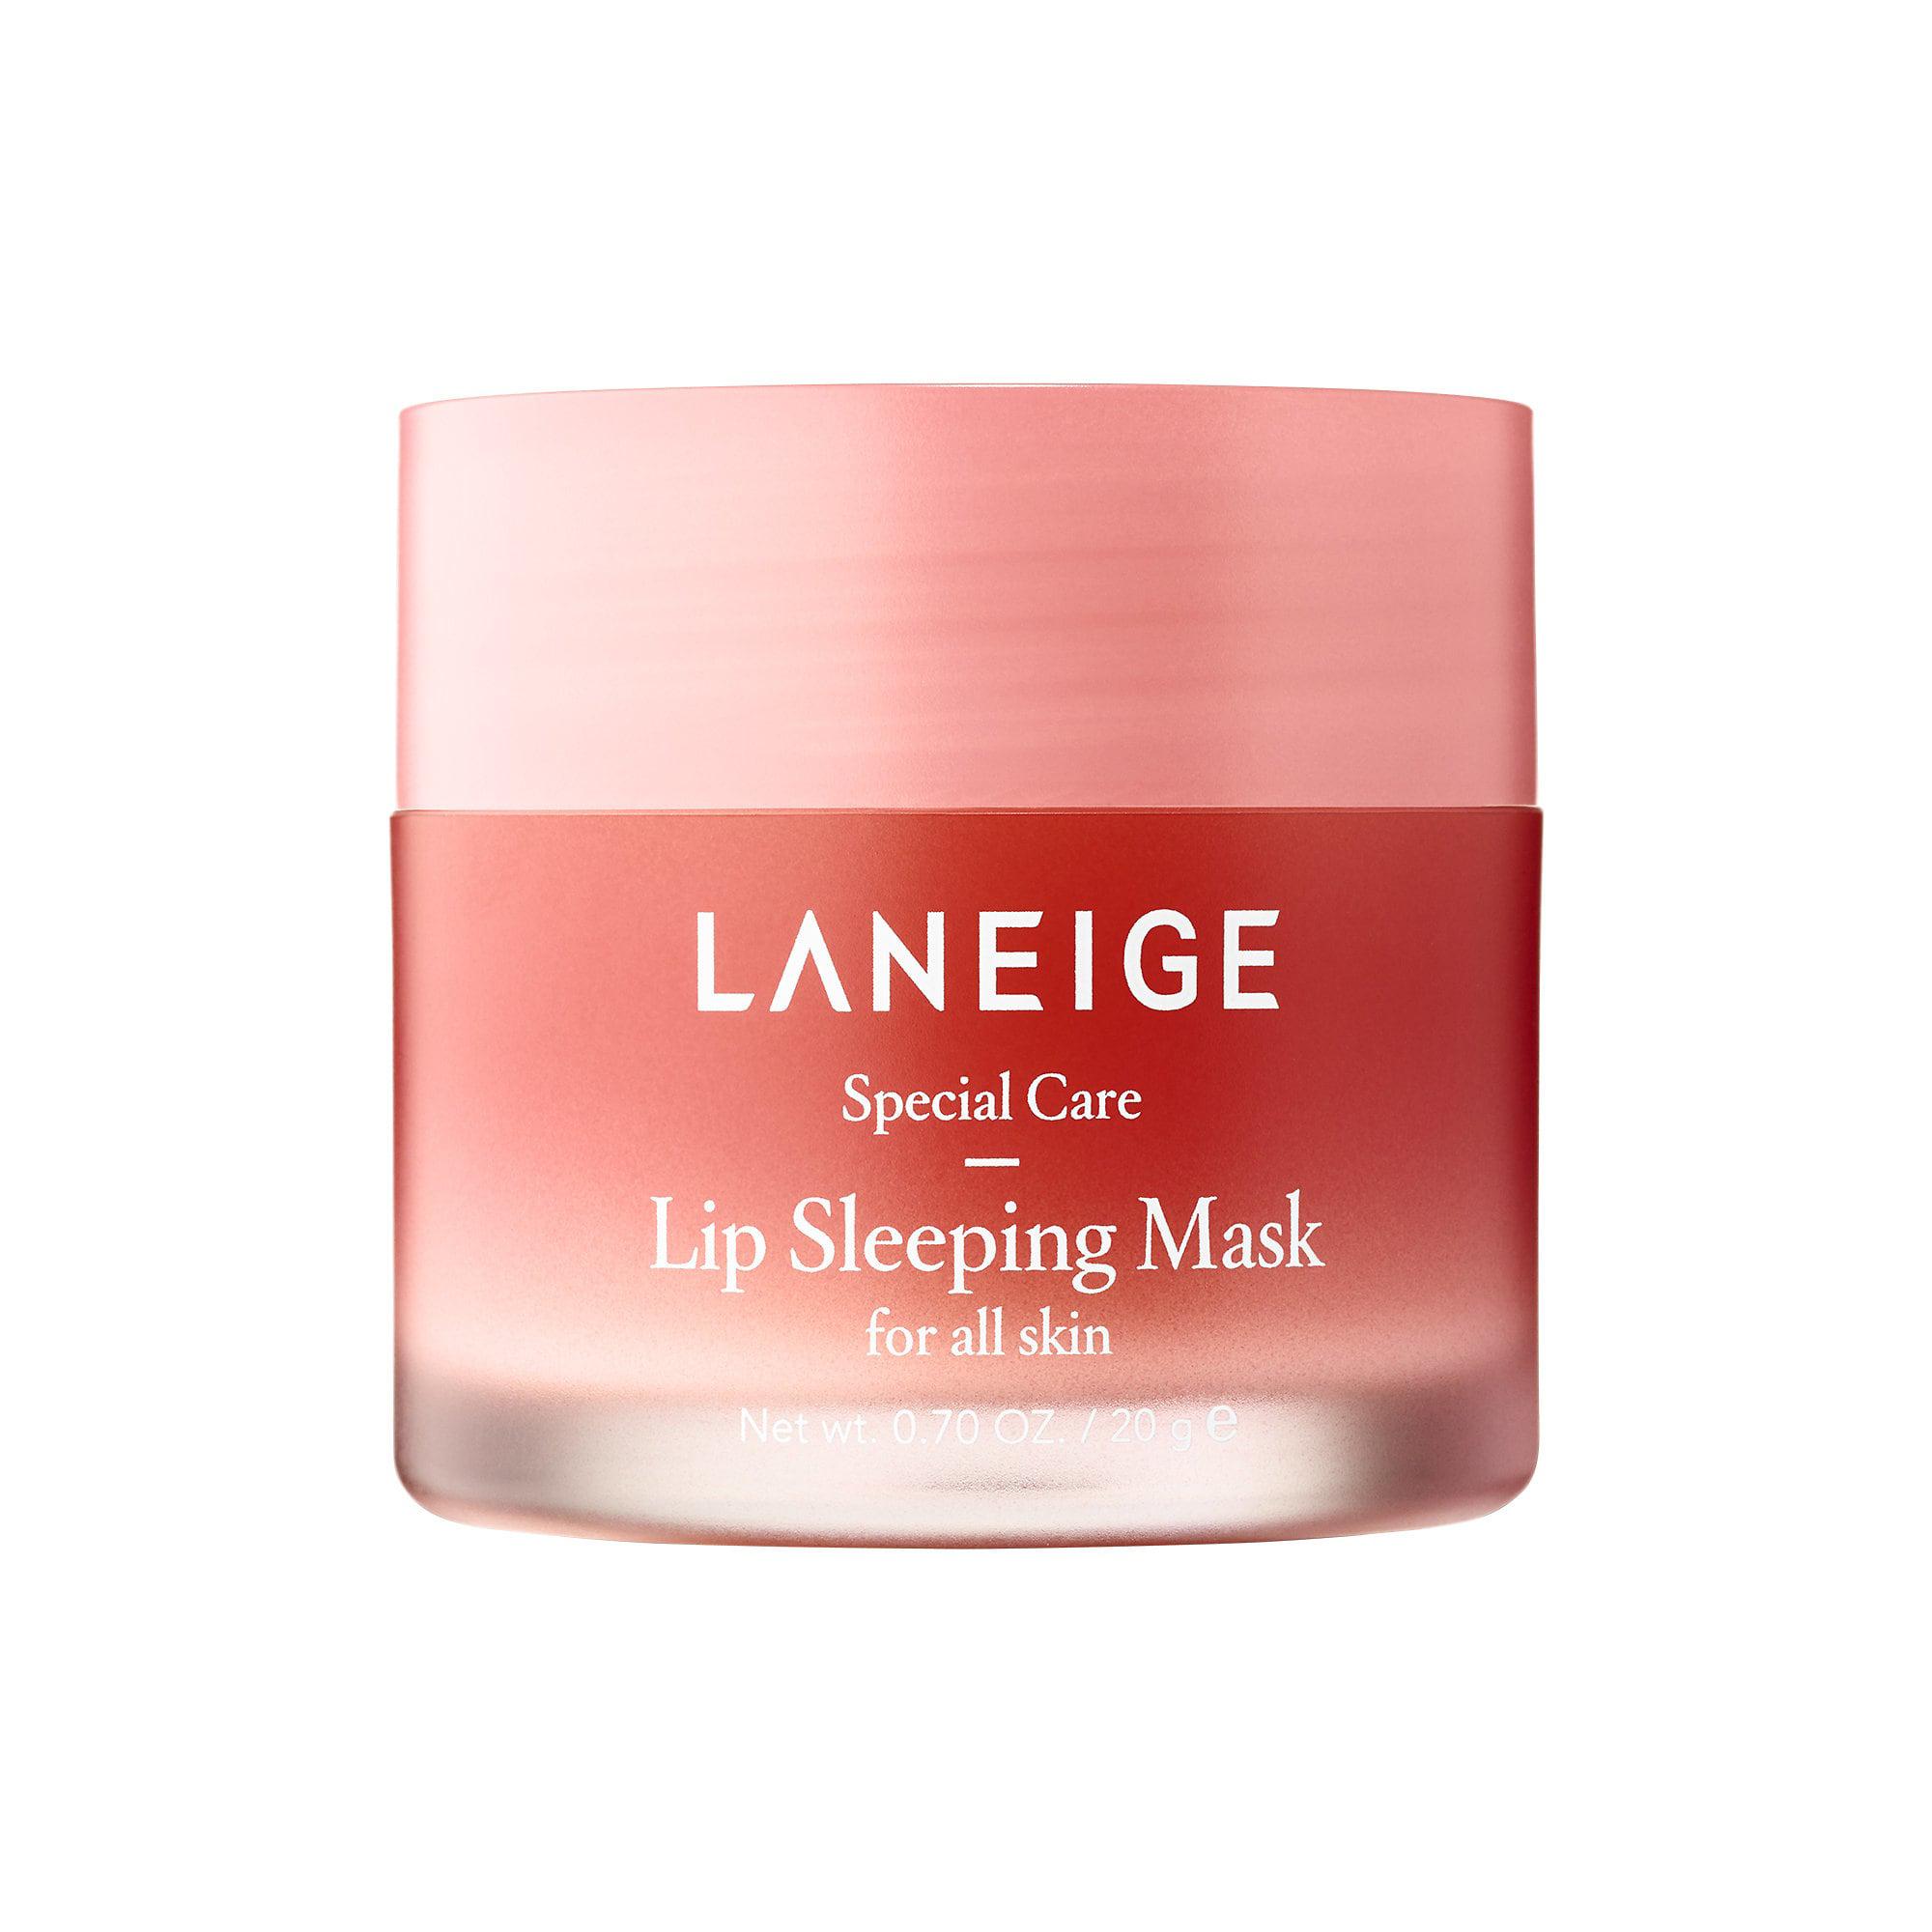 laneige_lip_sleeping_mask